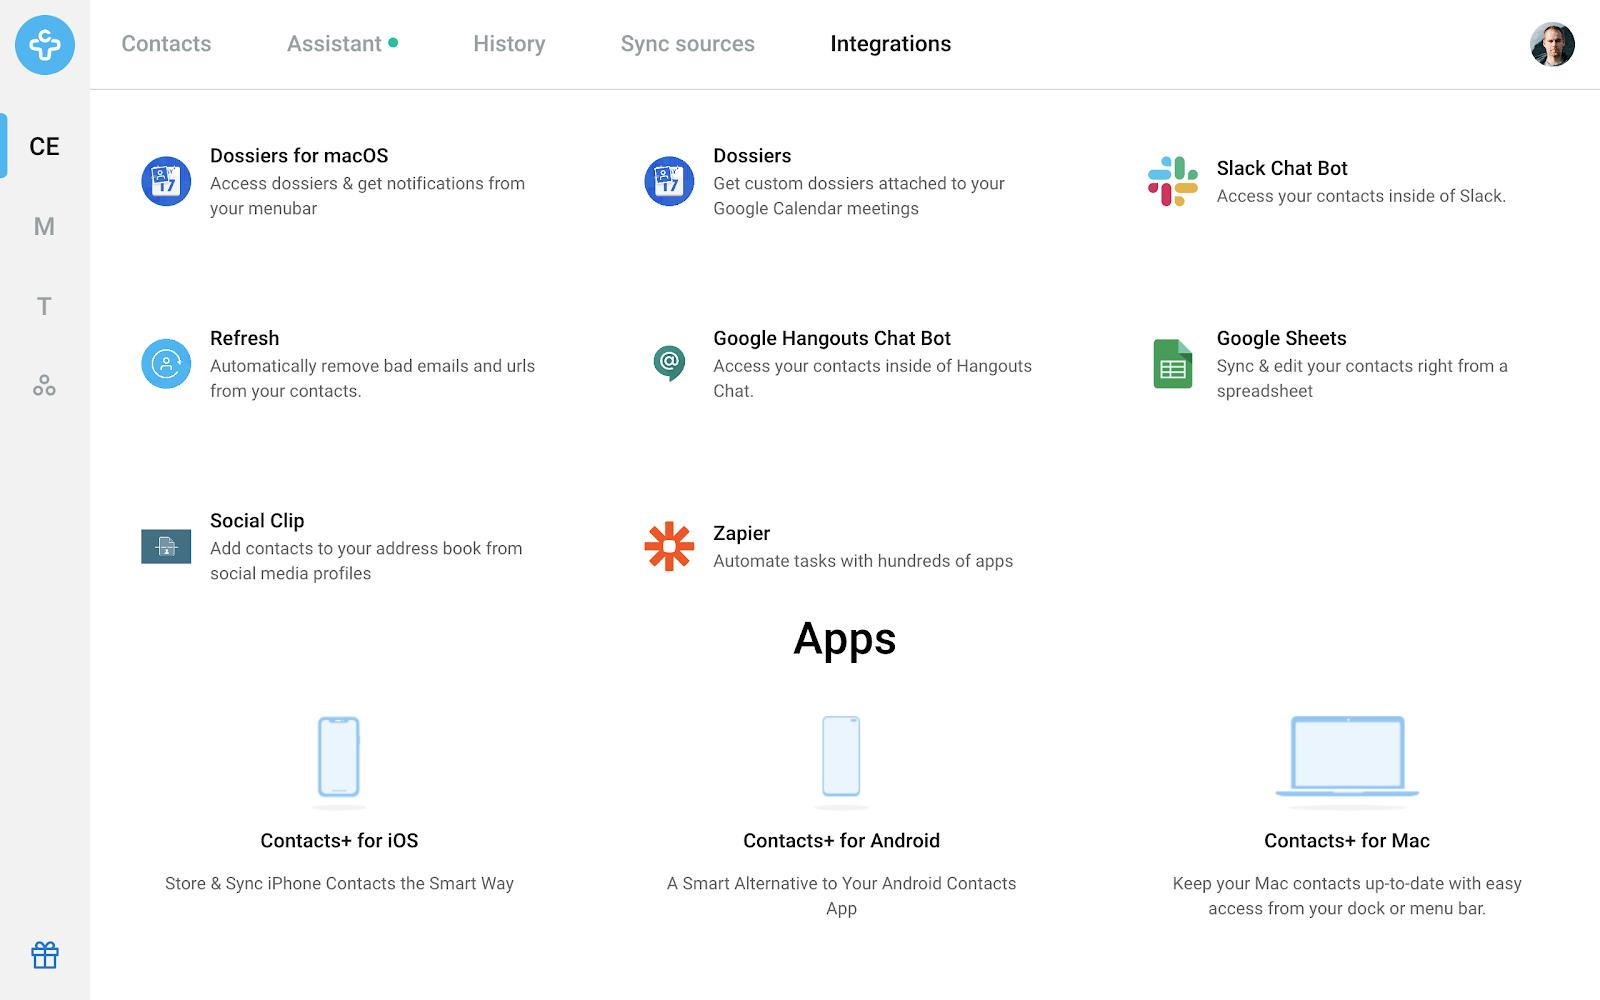 Contacts+ Integrations